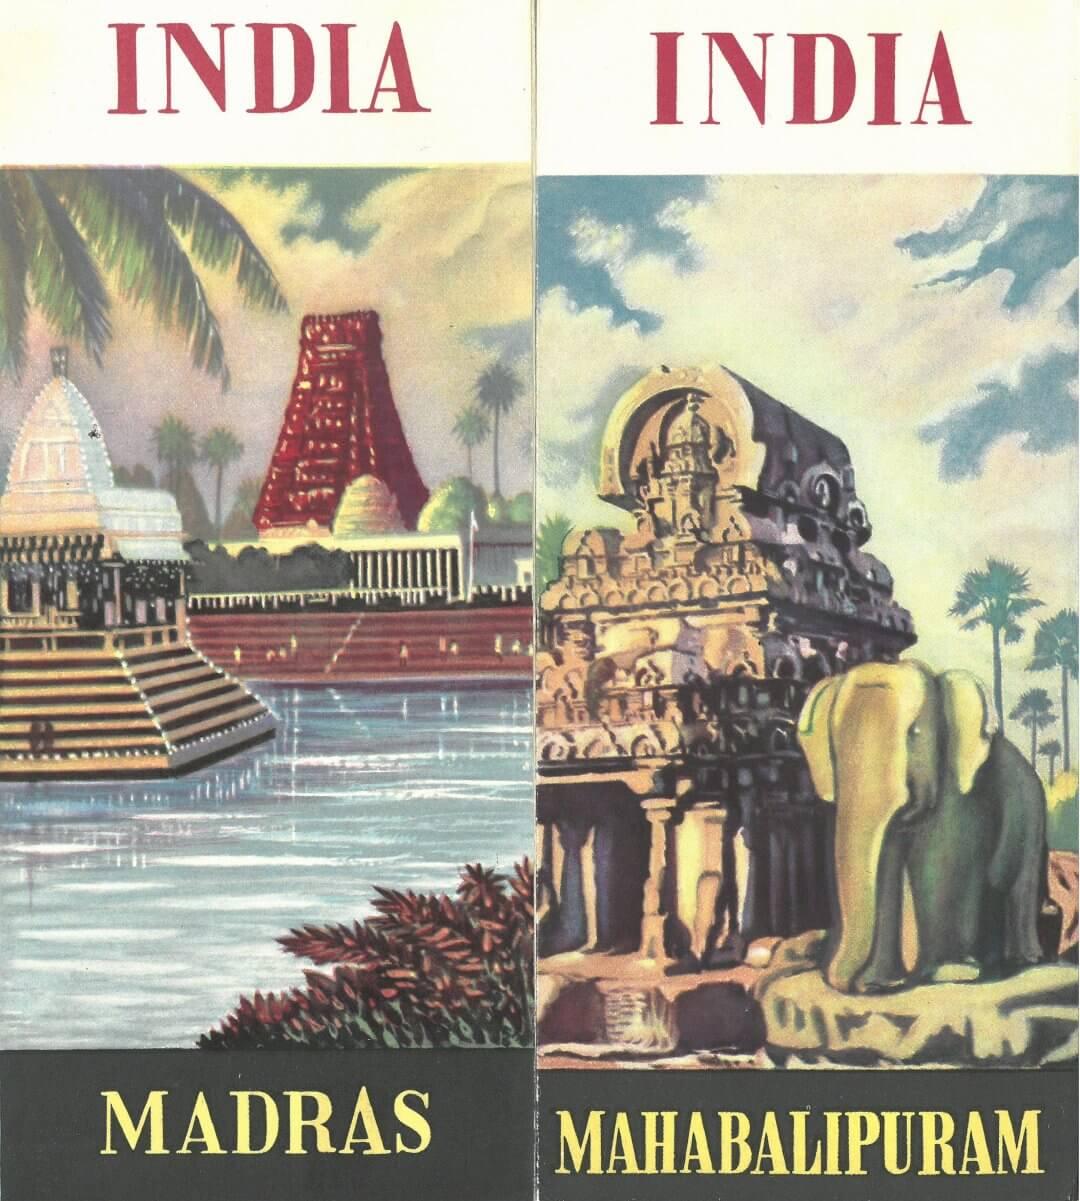 Madras Mahabalipuram,Tamil Nadu, India